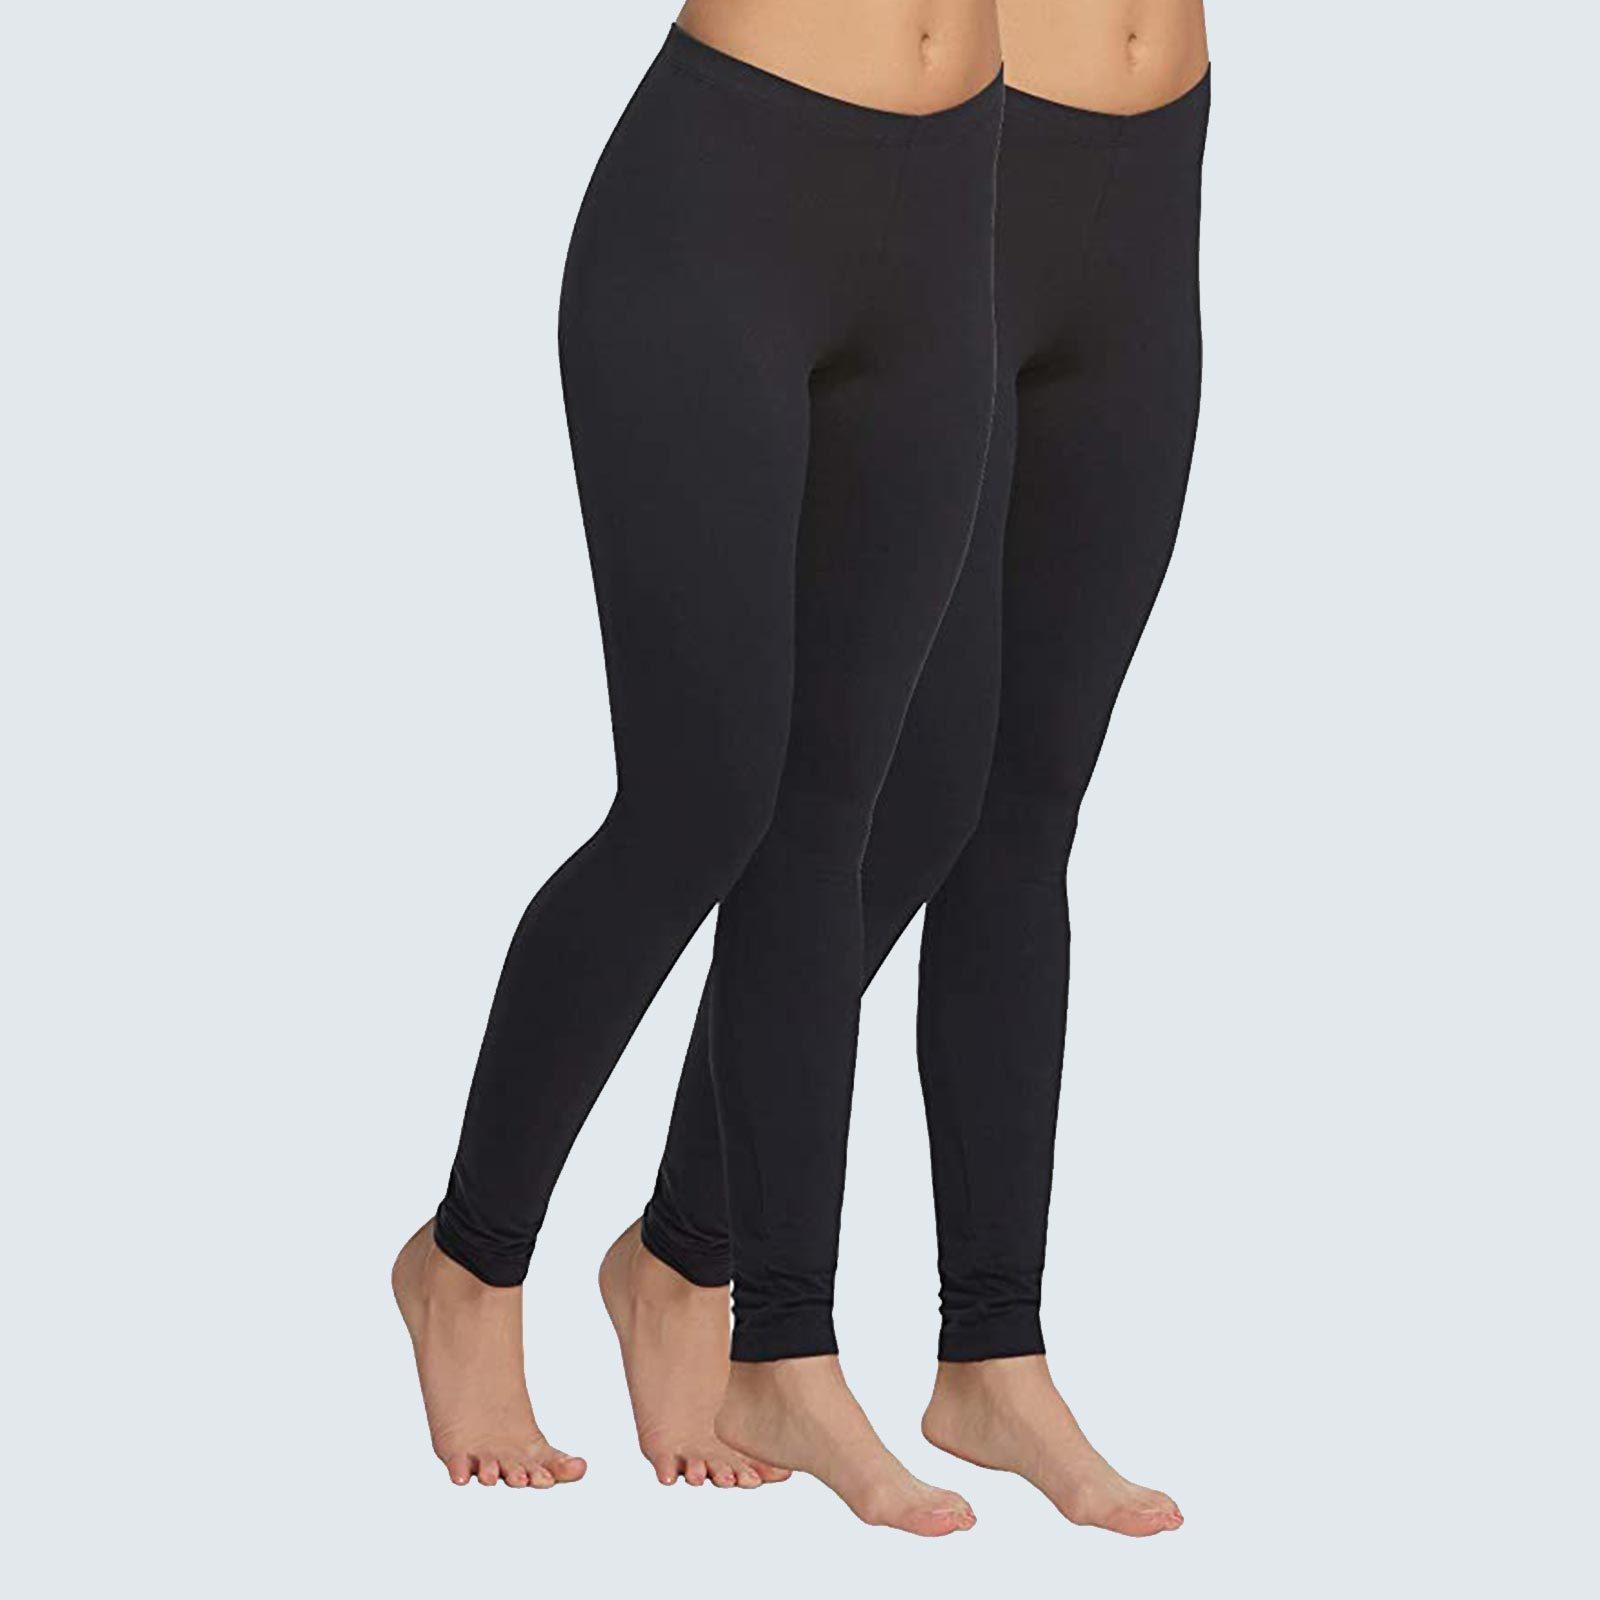 Best leggings for relaxing at home: Felina Velvety Soft Lightweight Leggings